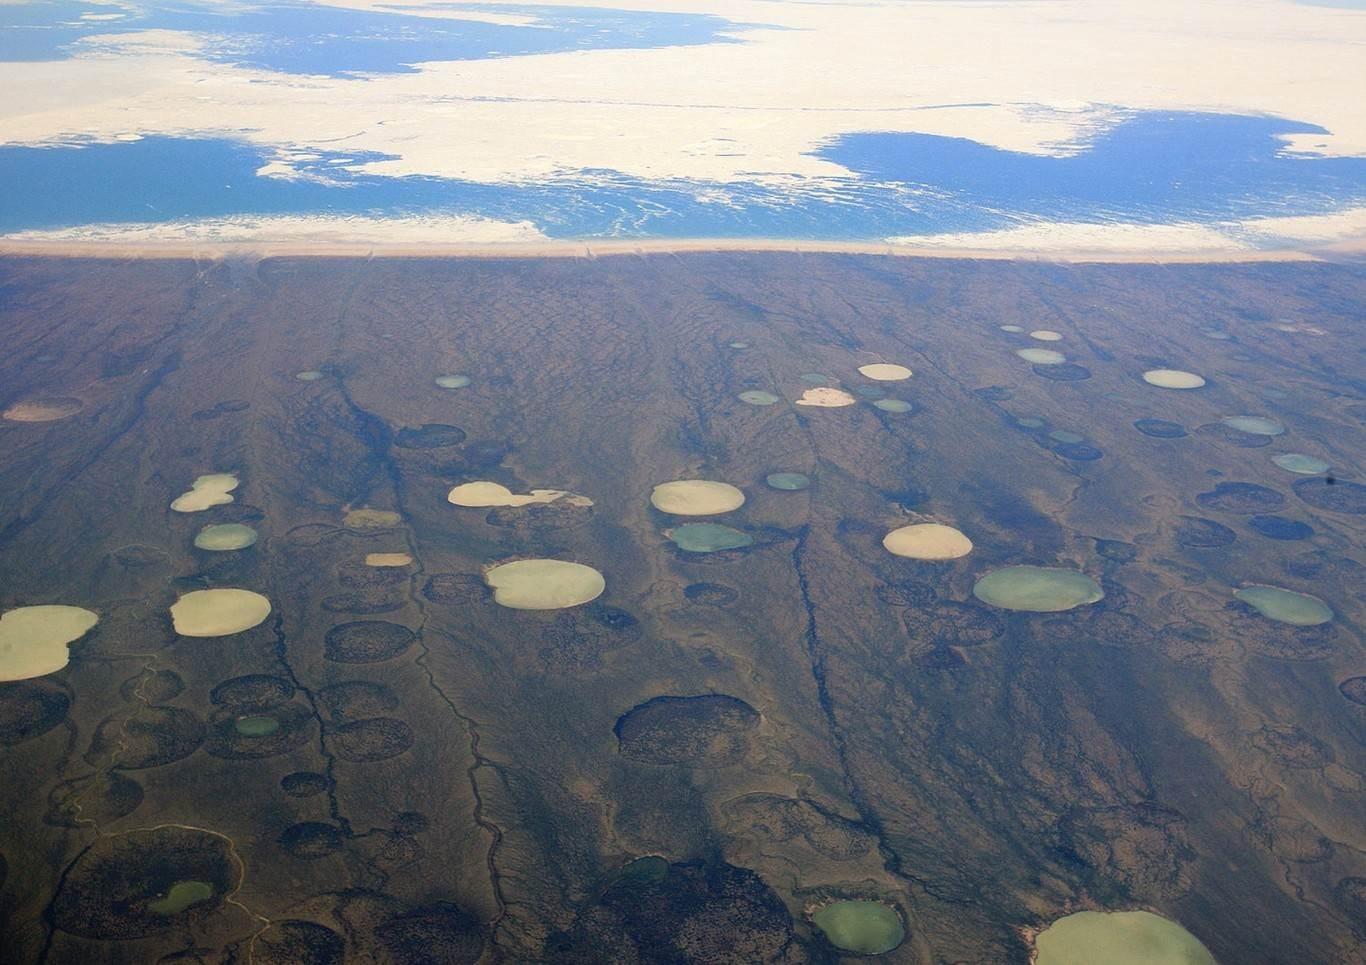 Diferentes agujeros en el permafrost de Siberia vistos desde un avión. (Foto: Xataka)